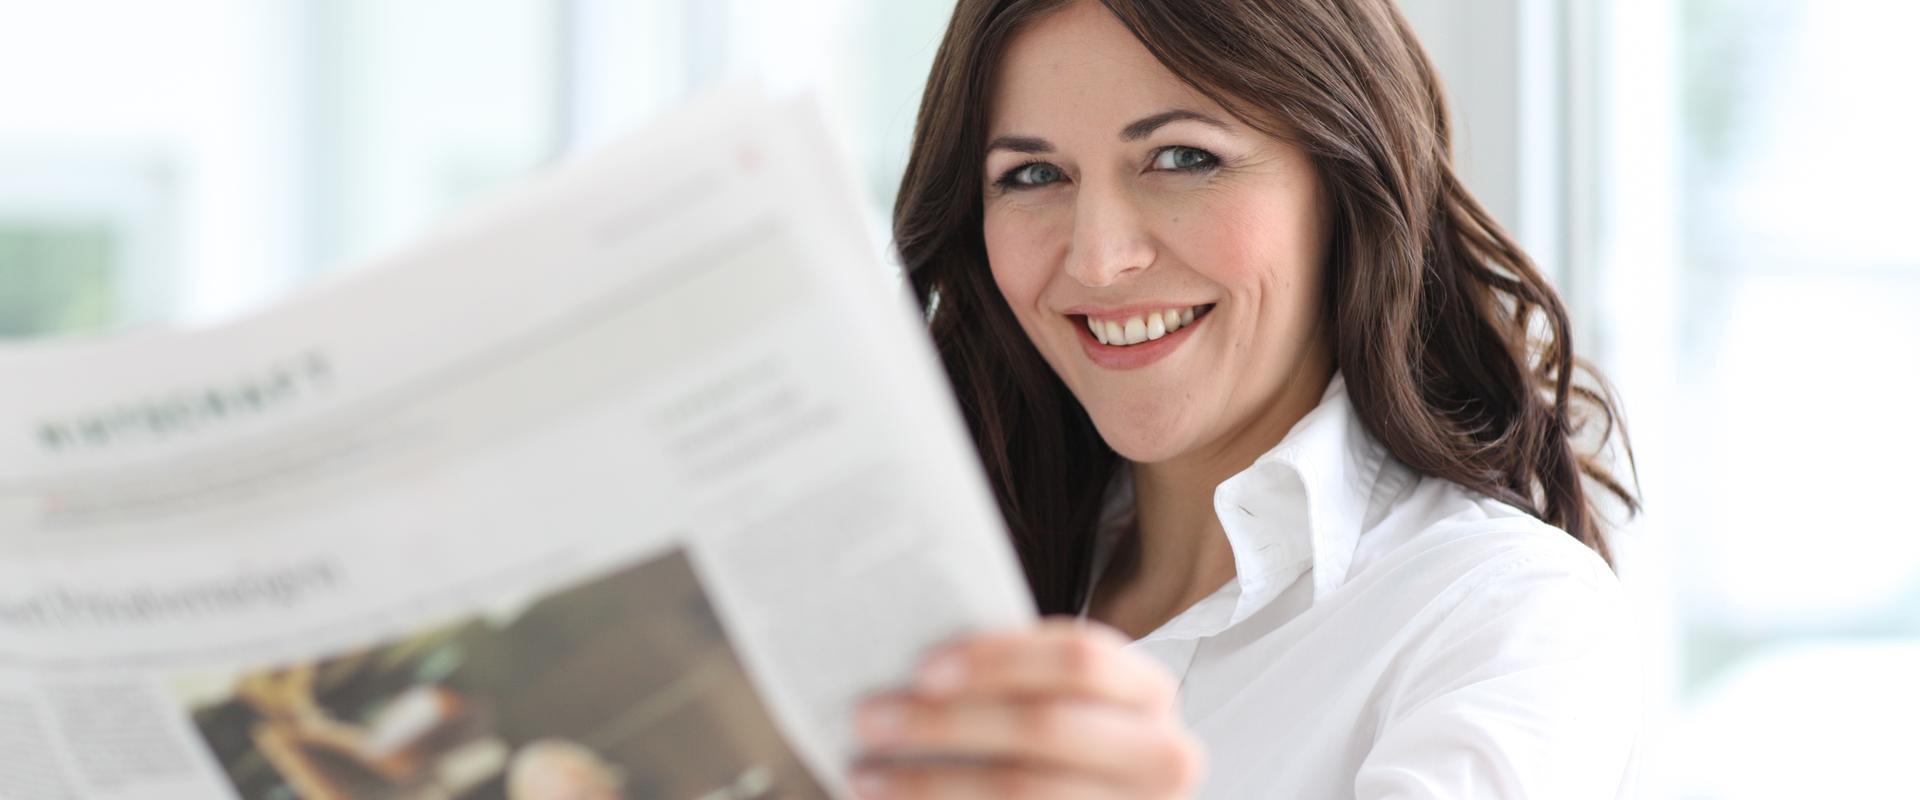 MEDIAN Klinik Leben und Wohnen Zeitung